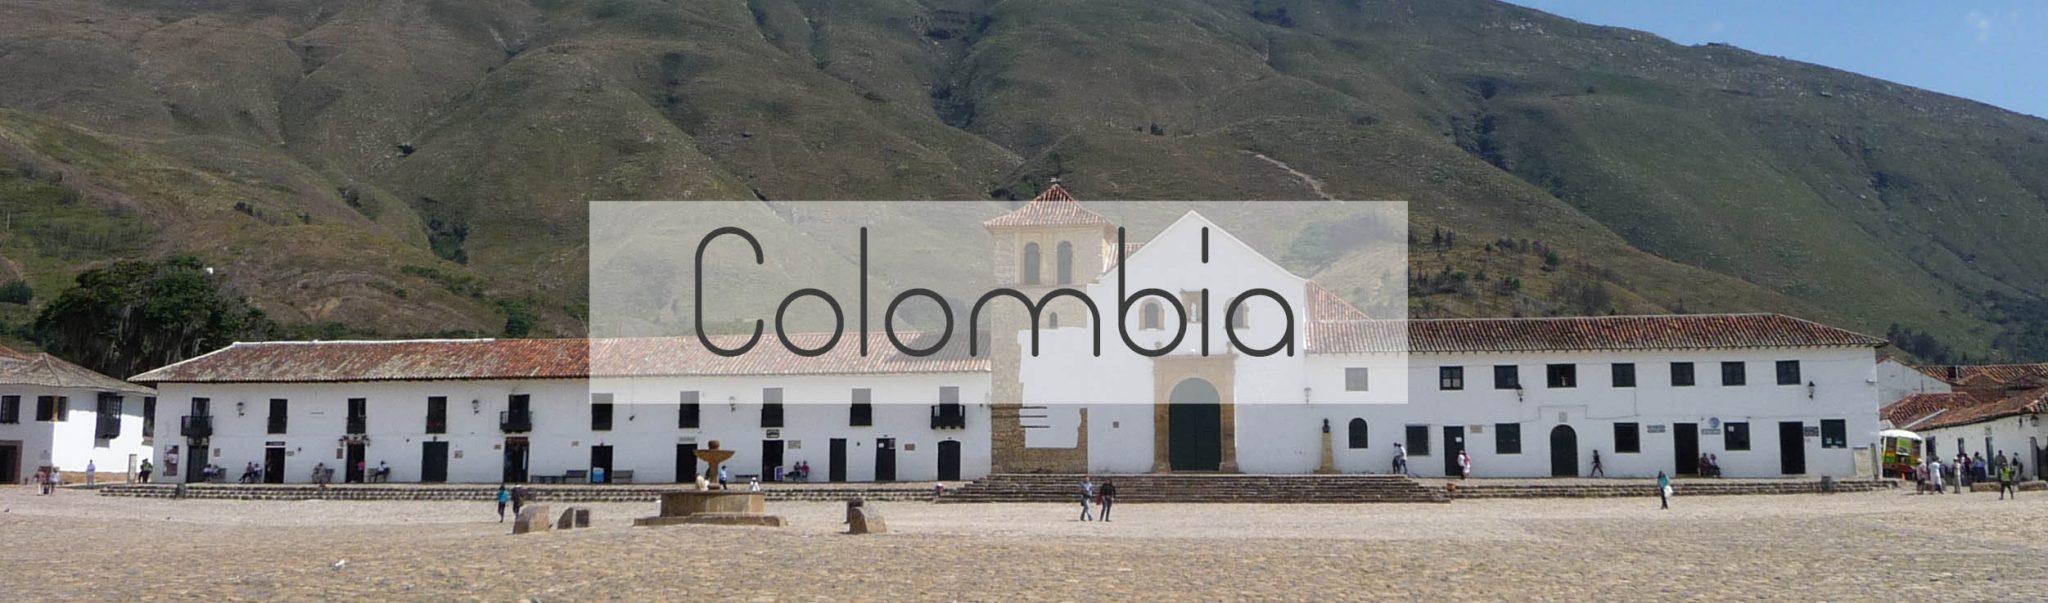 colombia reisinfo